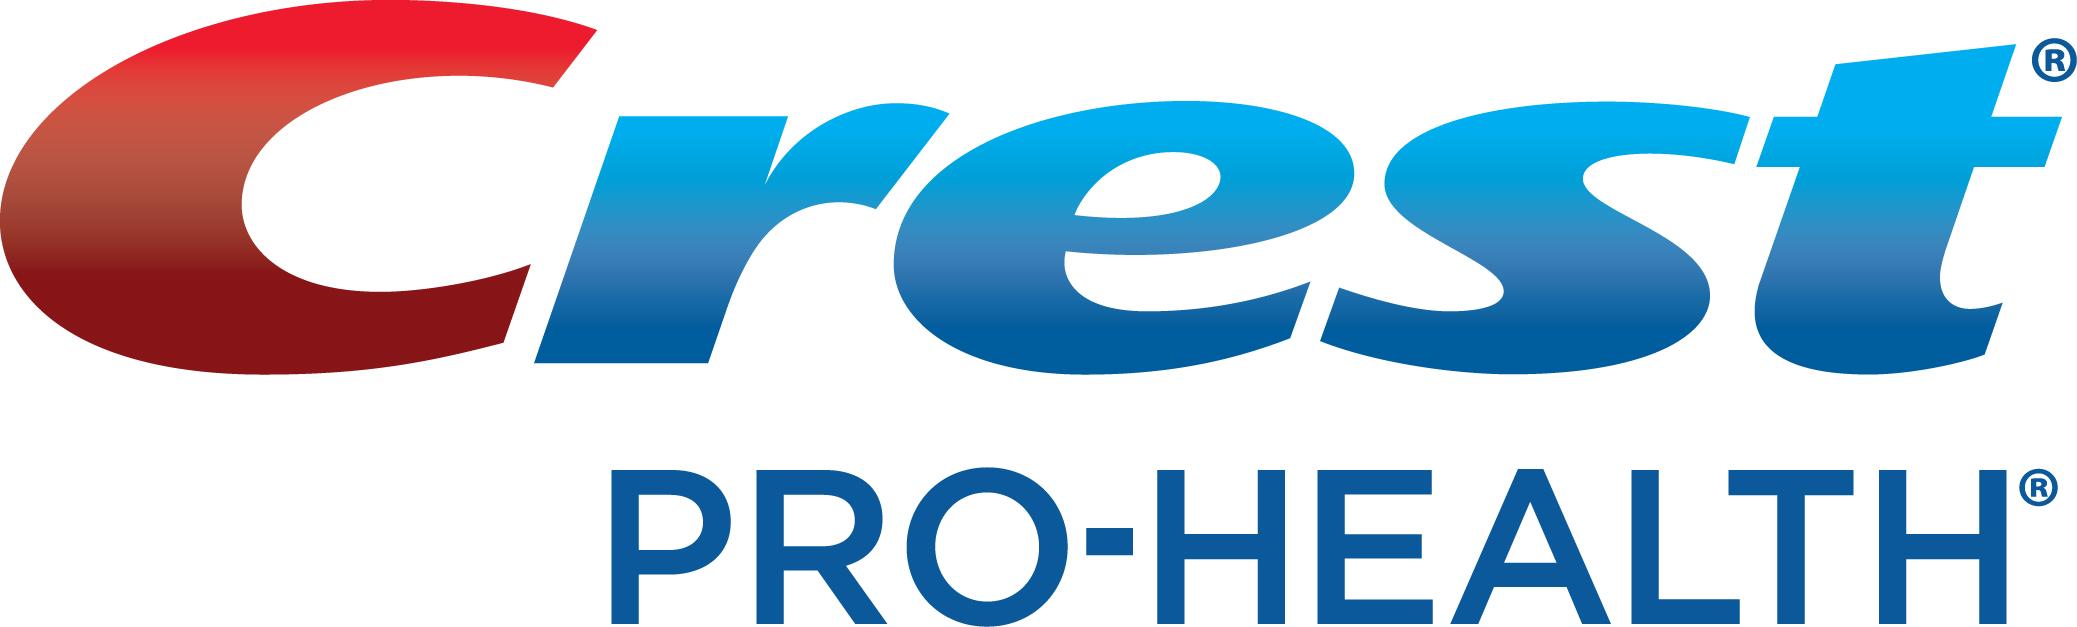 2077x627 Crest Pro Health Logo Cache Valley